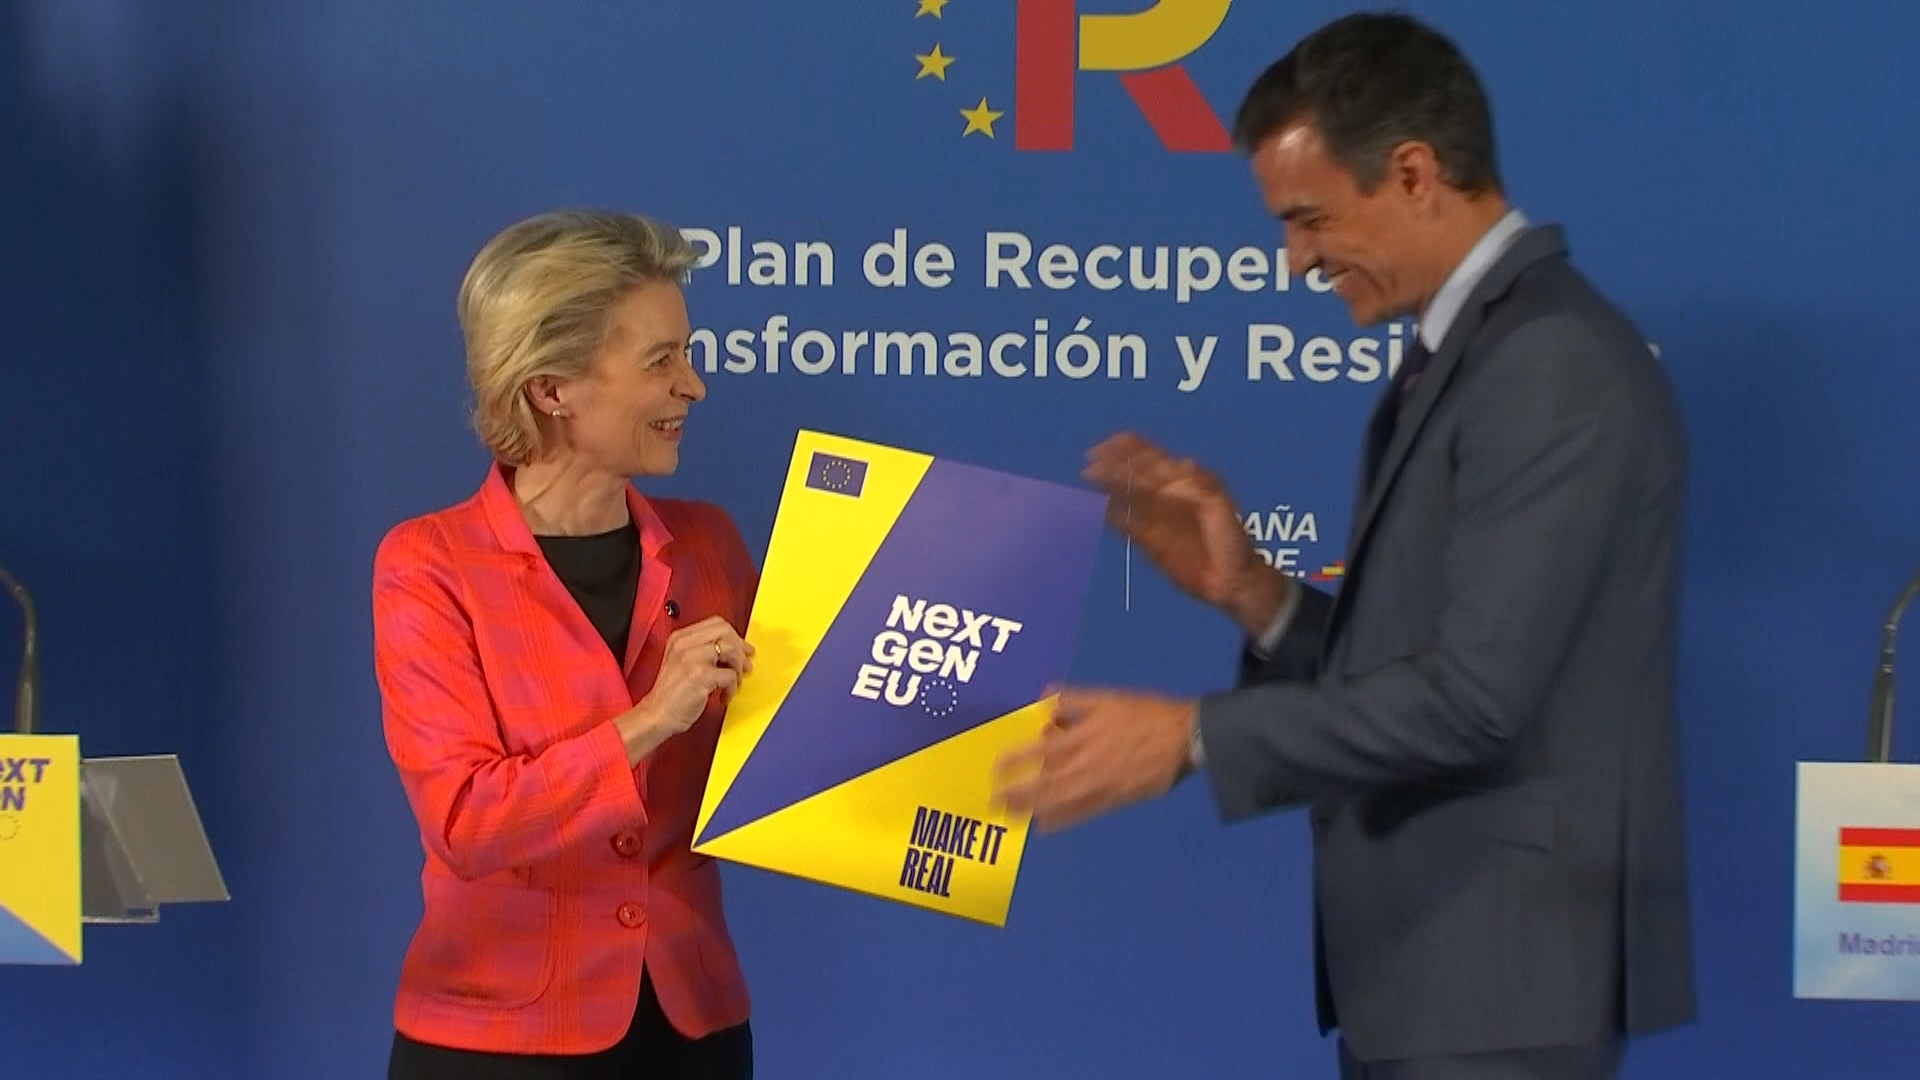 La+UE+avala+el+pla+de+recuperaci%C3%B3+d%27Espanya+amb+19.000+milions+en+2021